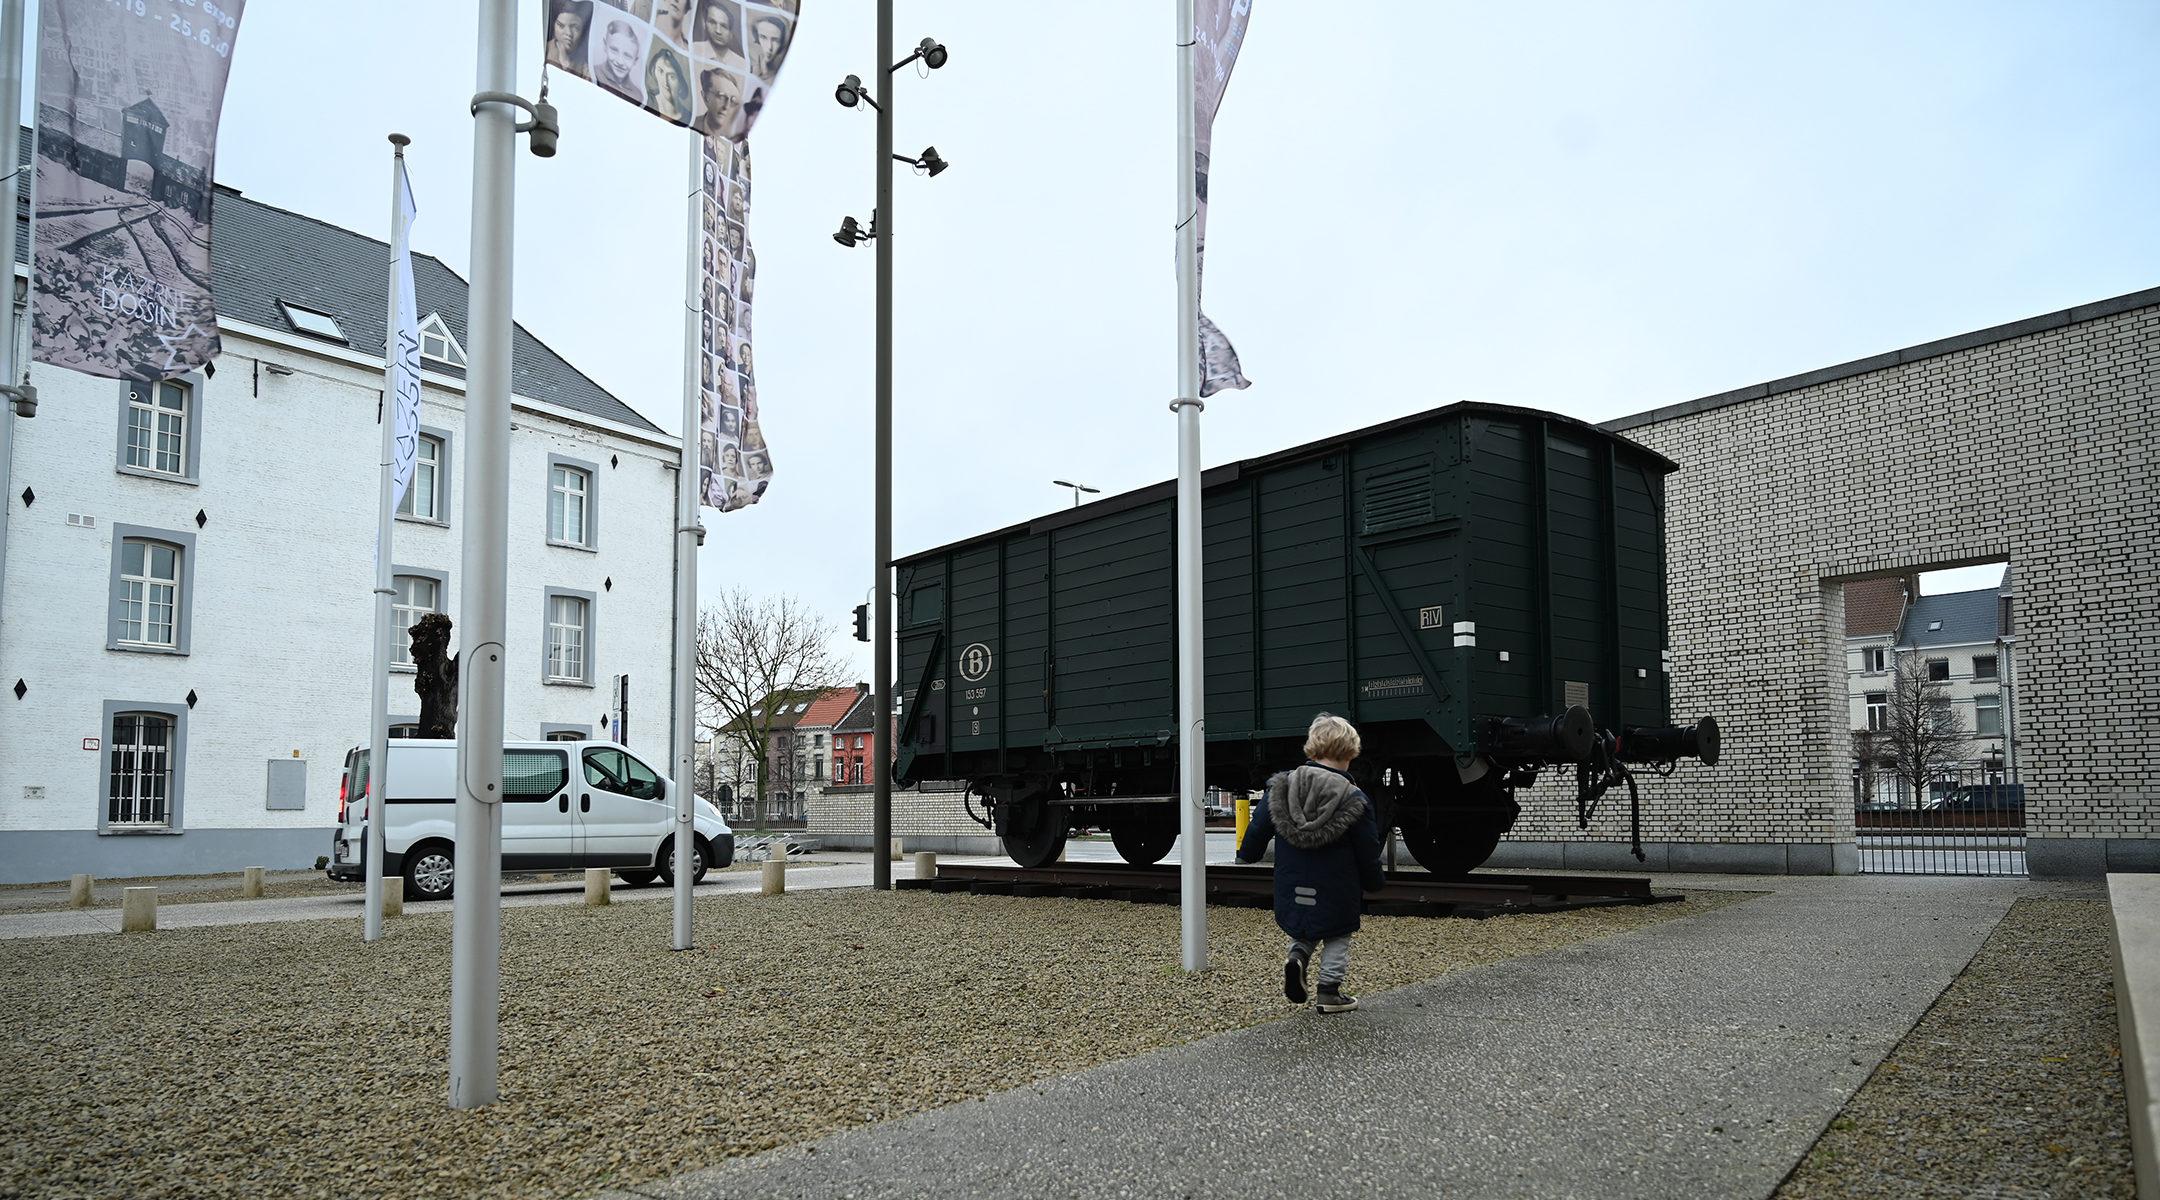 A boy visitng the Kazerne Dossin Holocaust museum in Mechelen, Belgium on Dec. 22, 2019. (Cnaan Liphshiz)